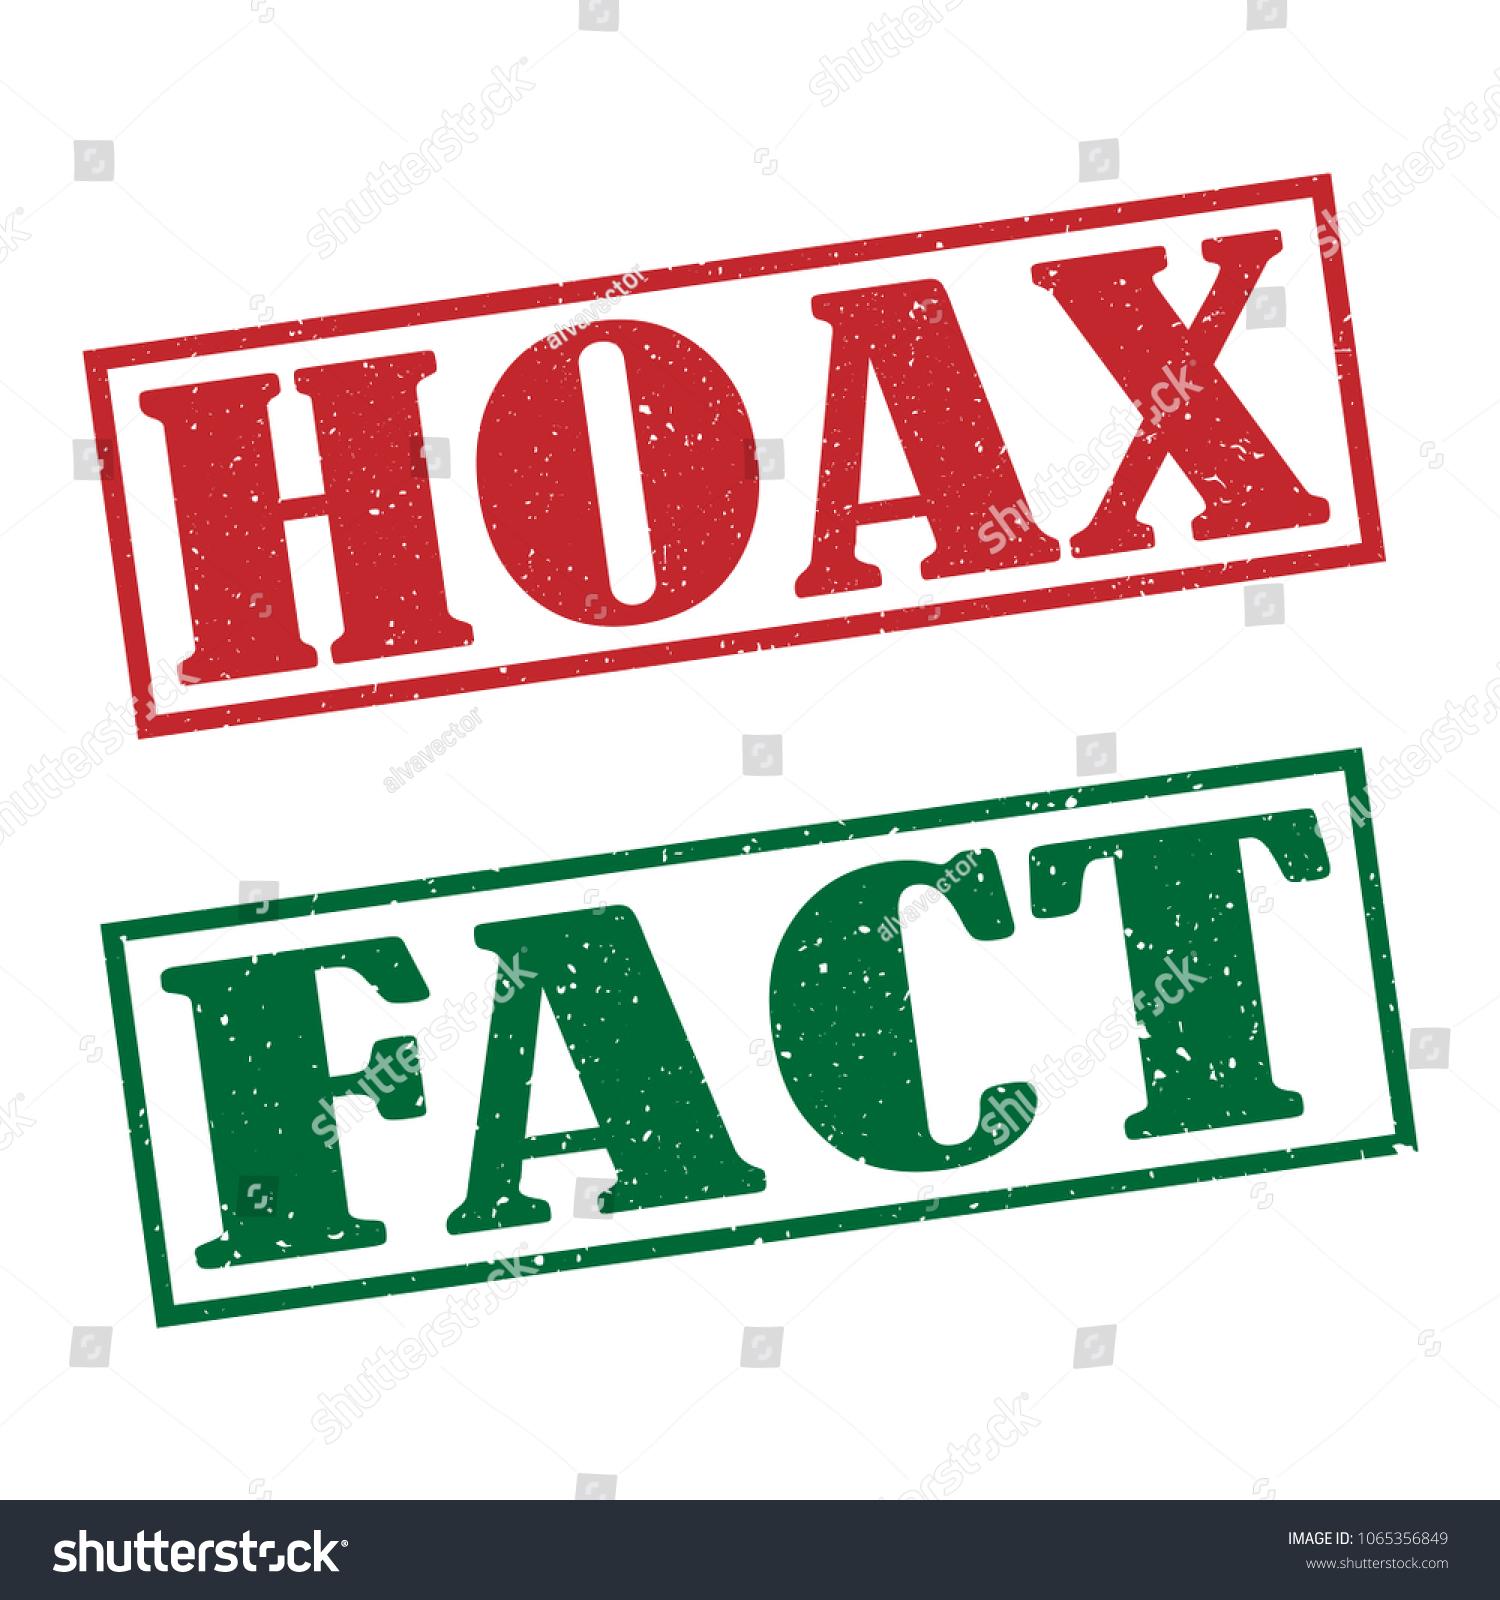 Ayat AlquranTentang Berita Hoax, Simak Videonya ya!